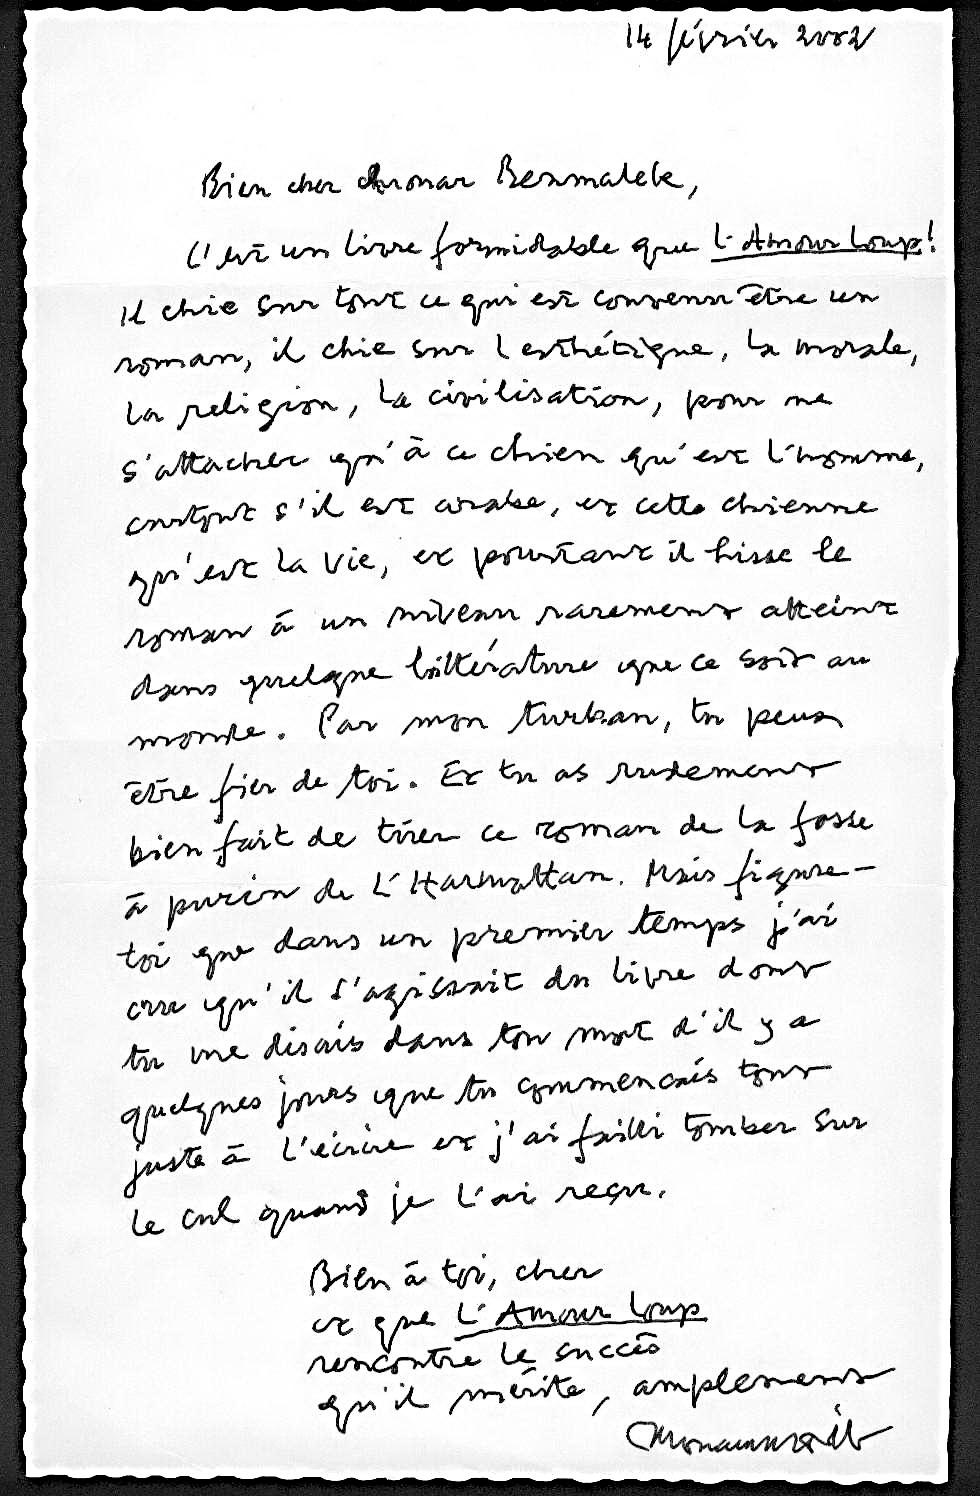 lettre d amour pour reconciliation